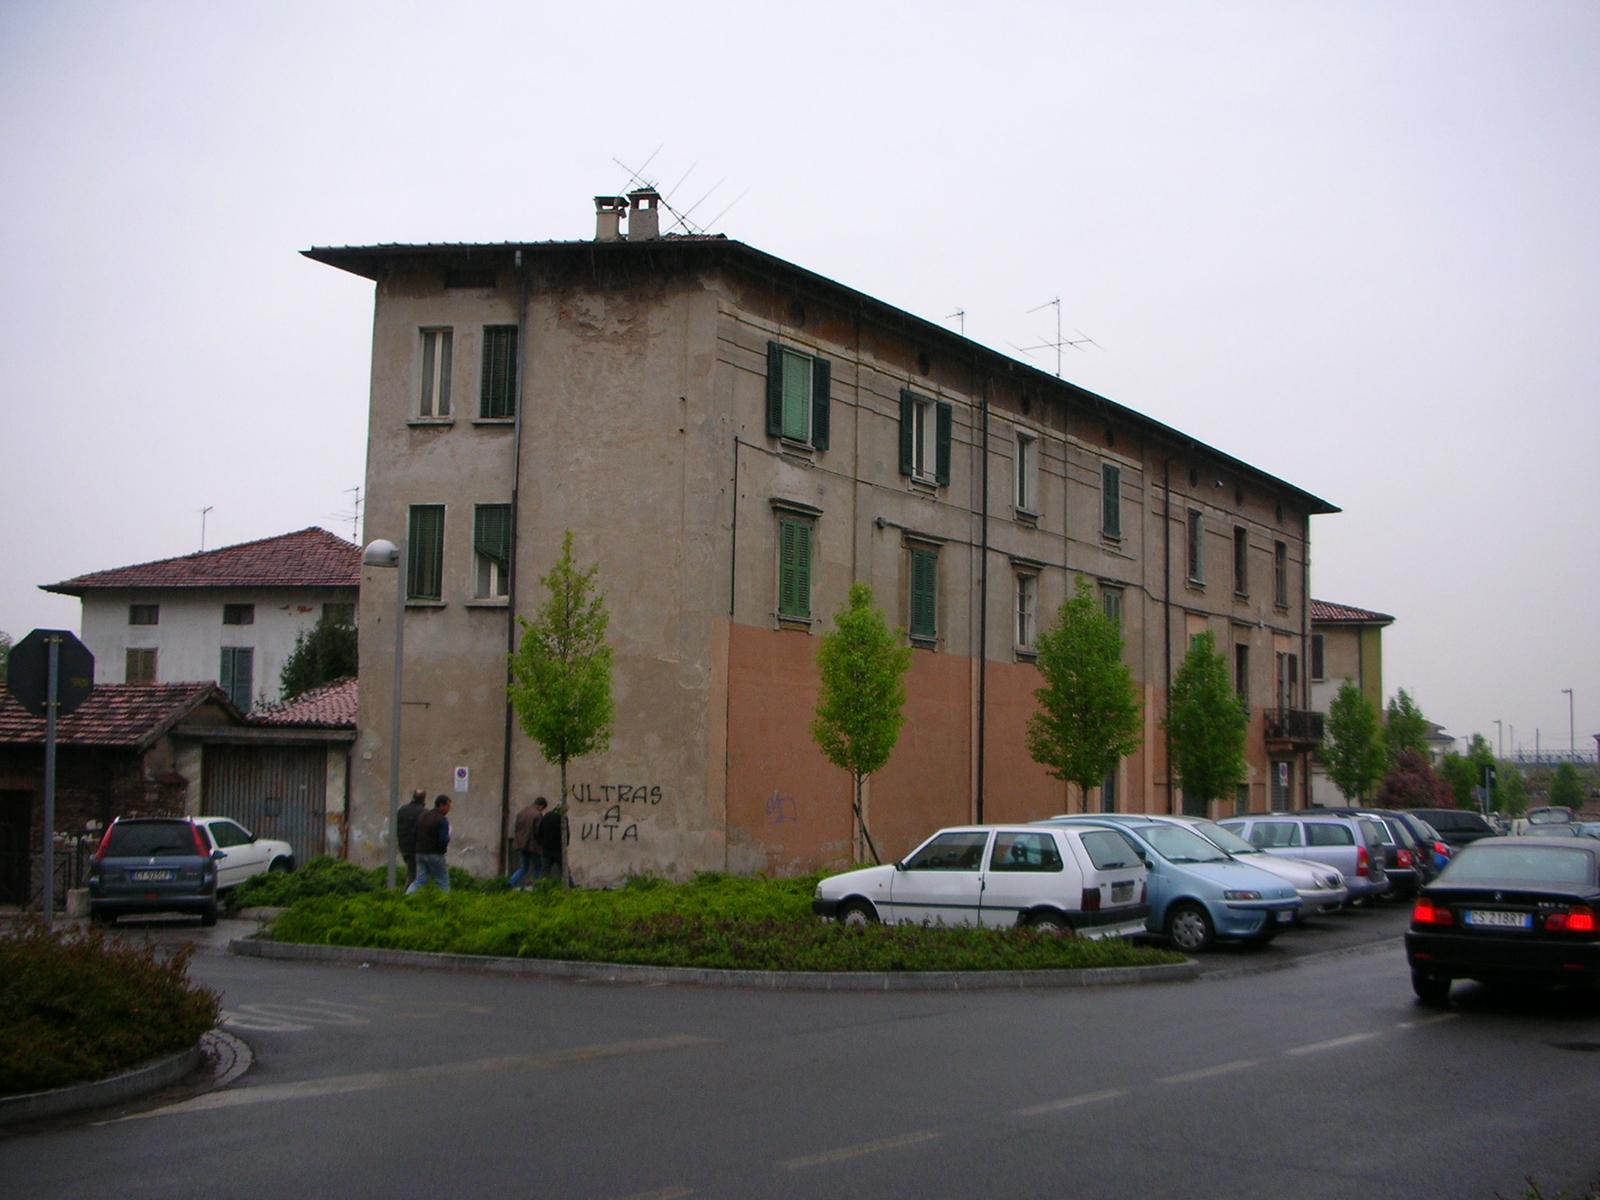 Studio-di-architettura-Baisotti-Sigala-prgetti841